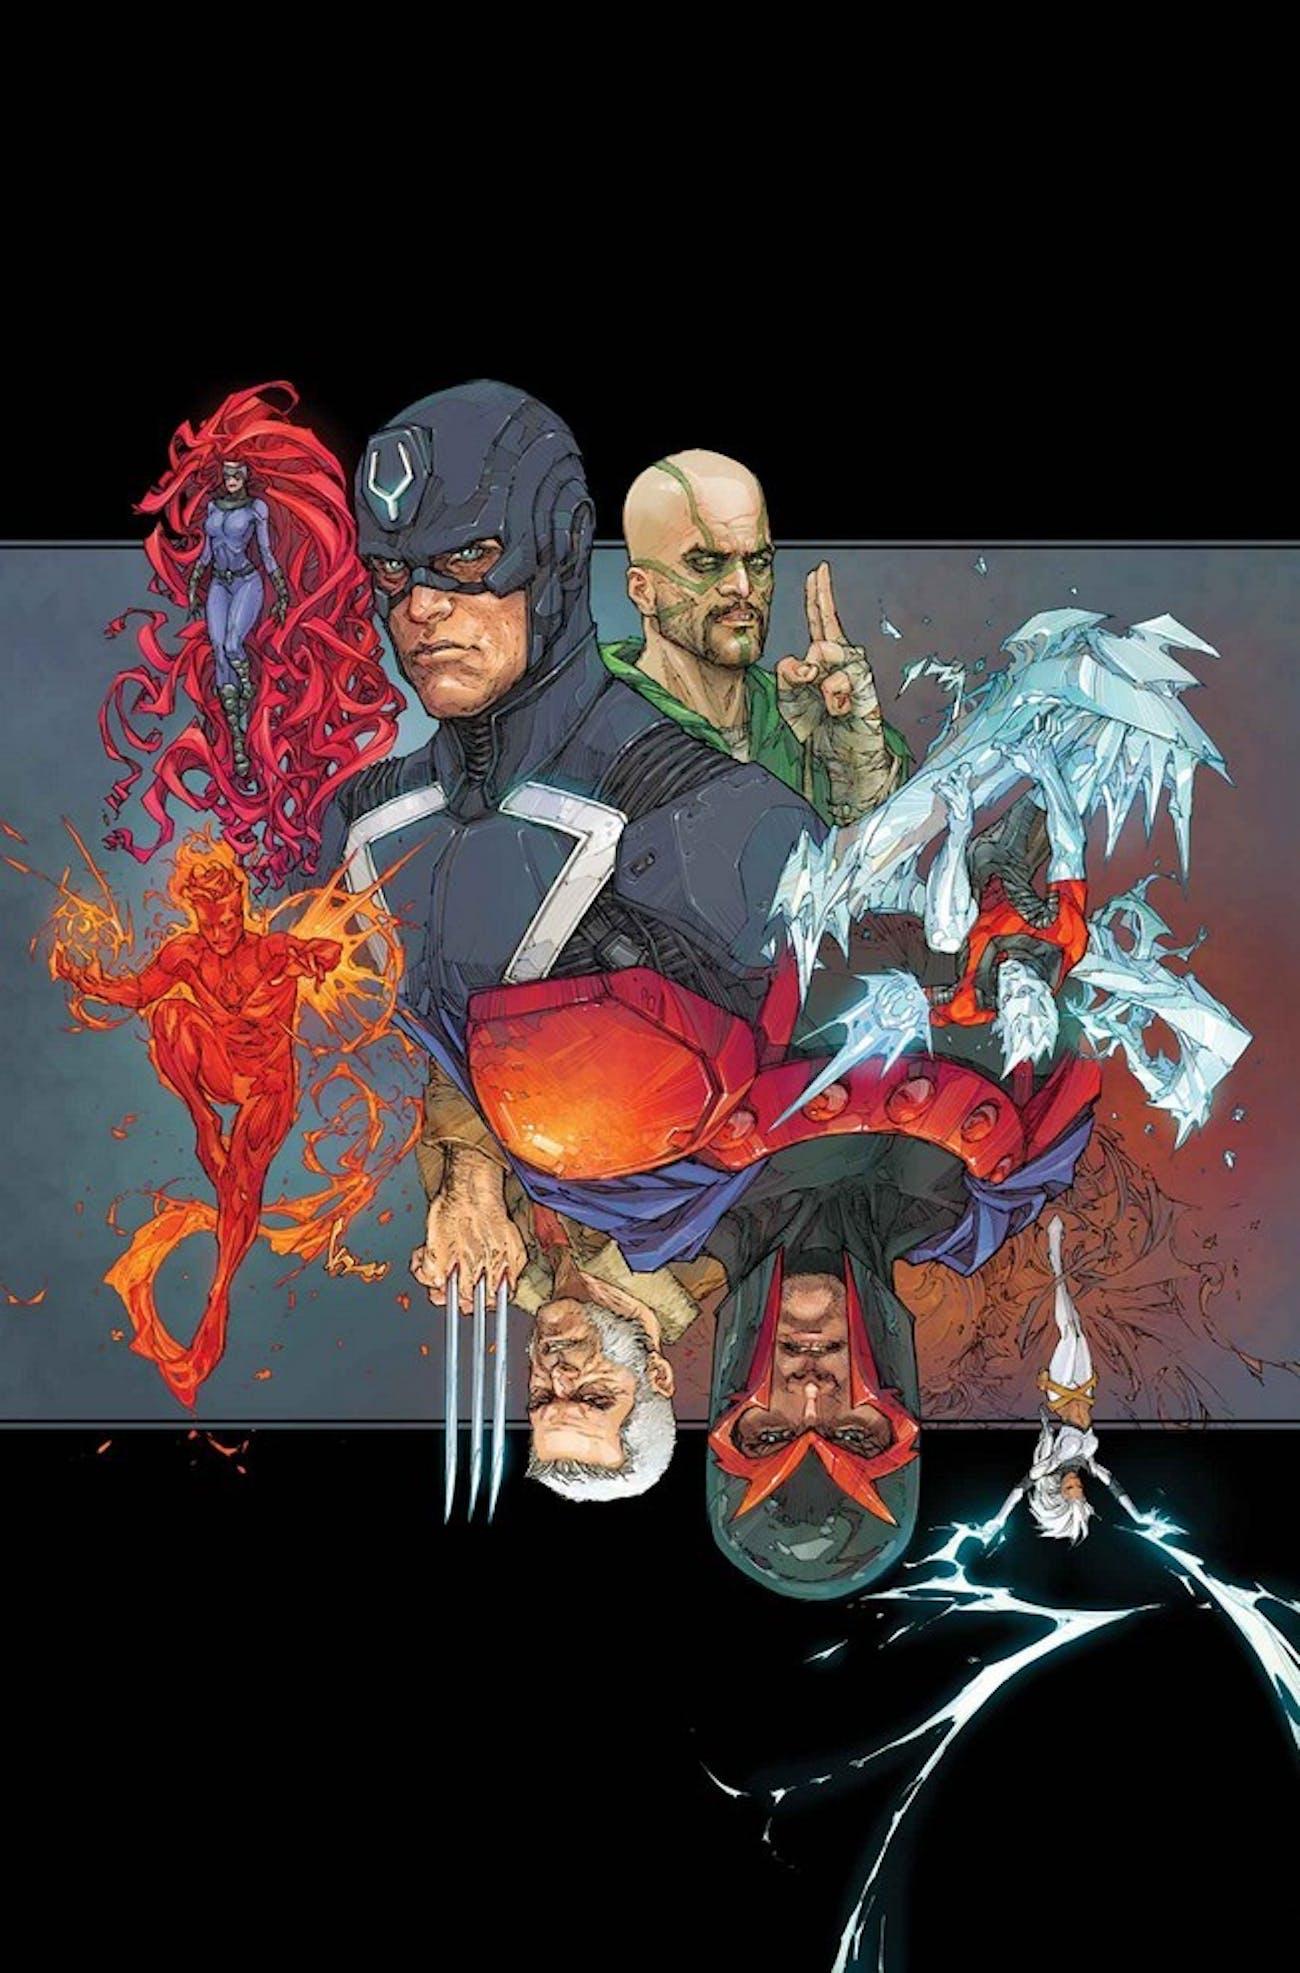 Variant cover for Marvel's Inhumans vs X-men #1